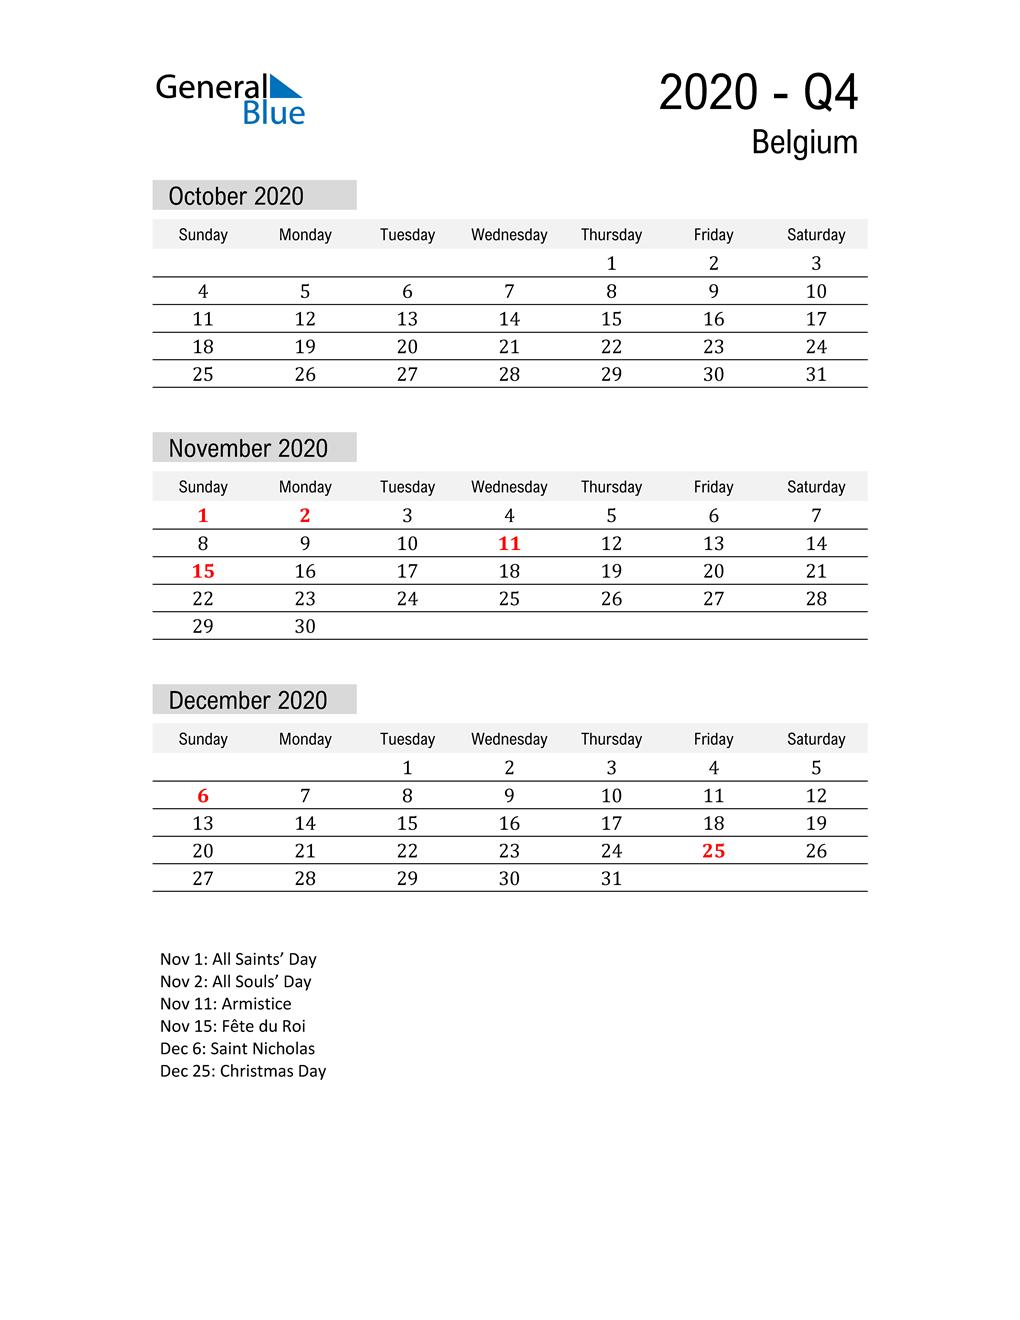 Belgium Quarter 4 2020 Calendar